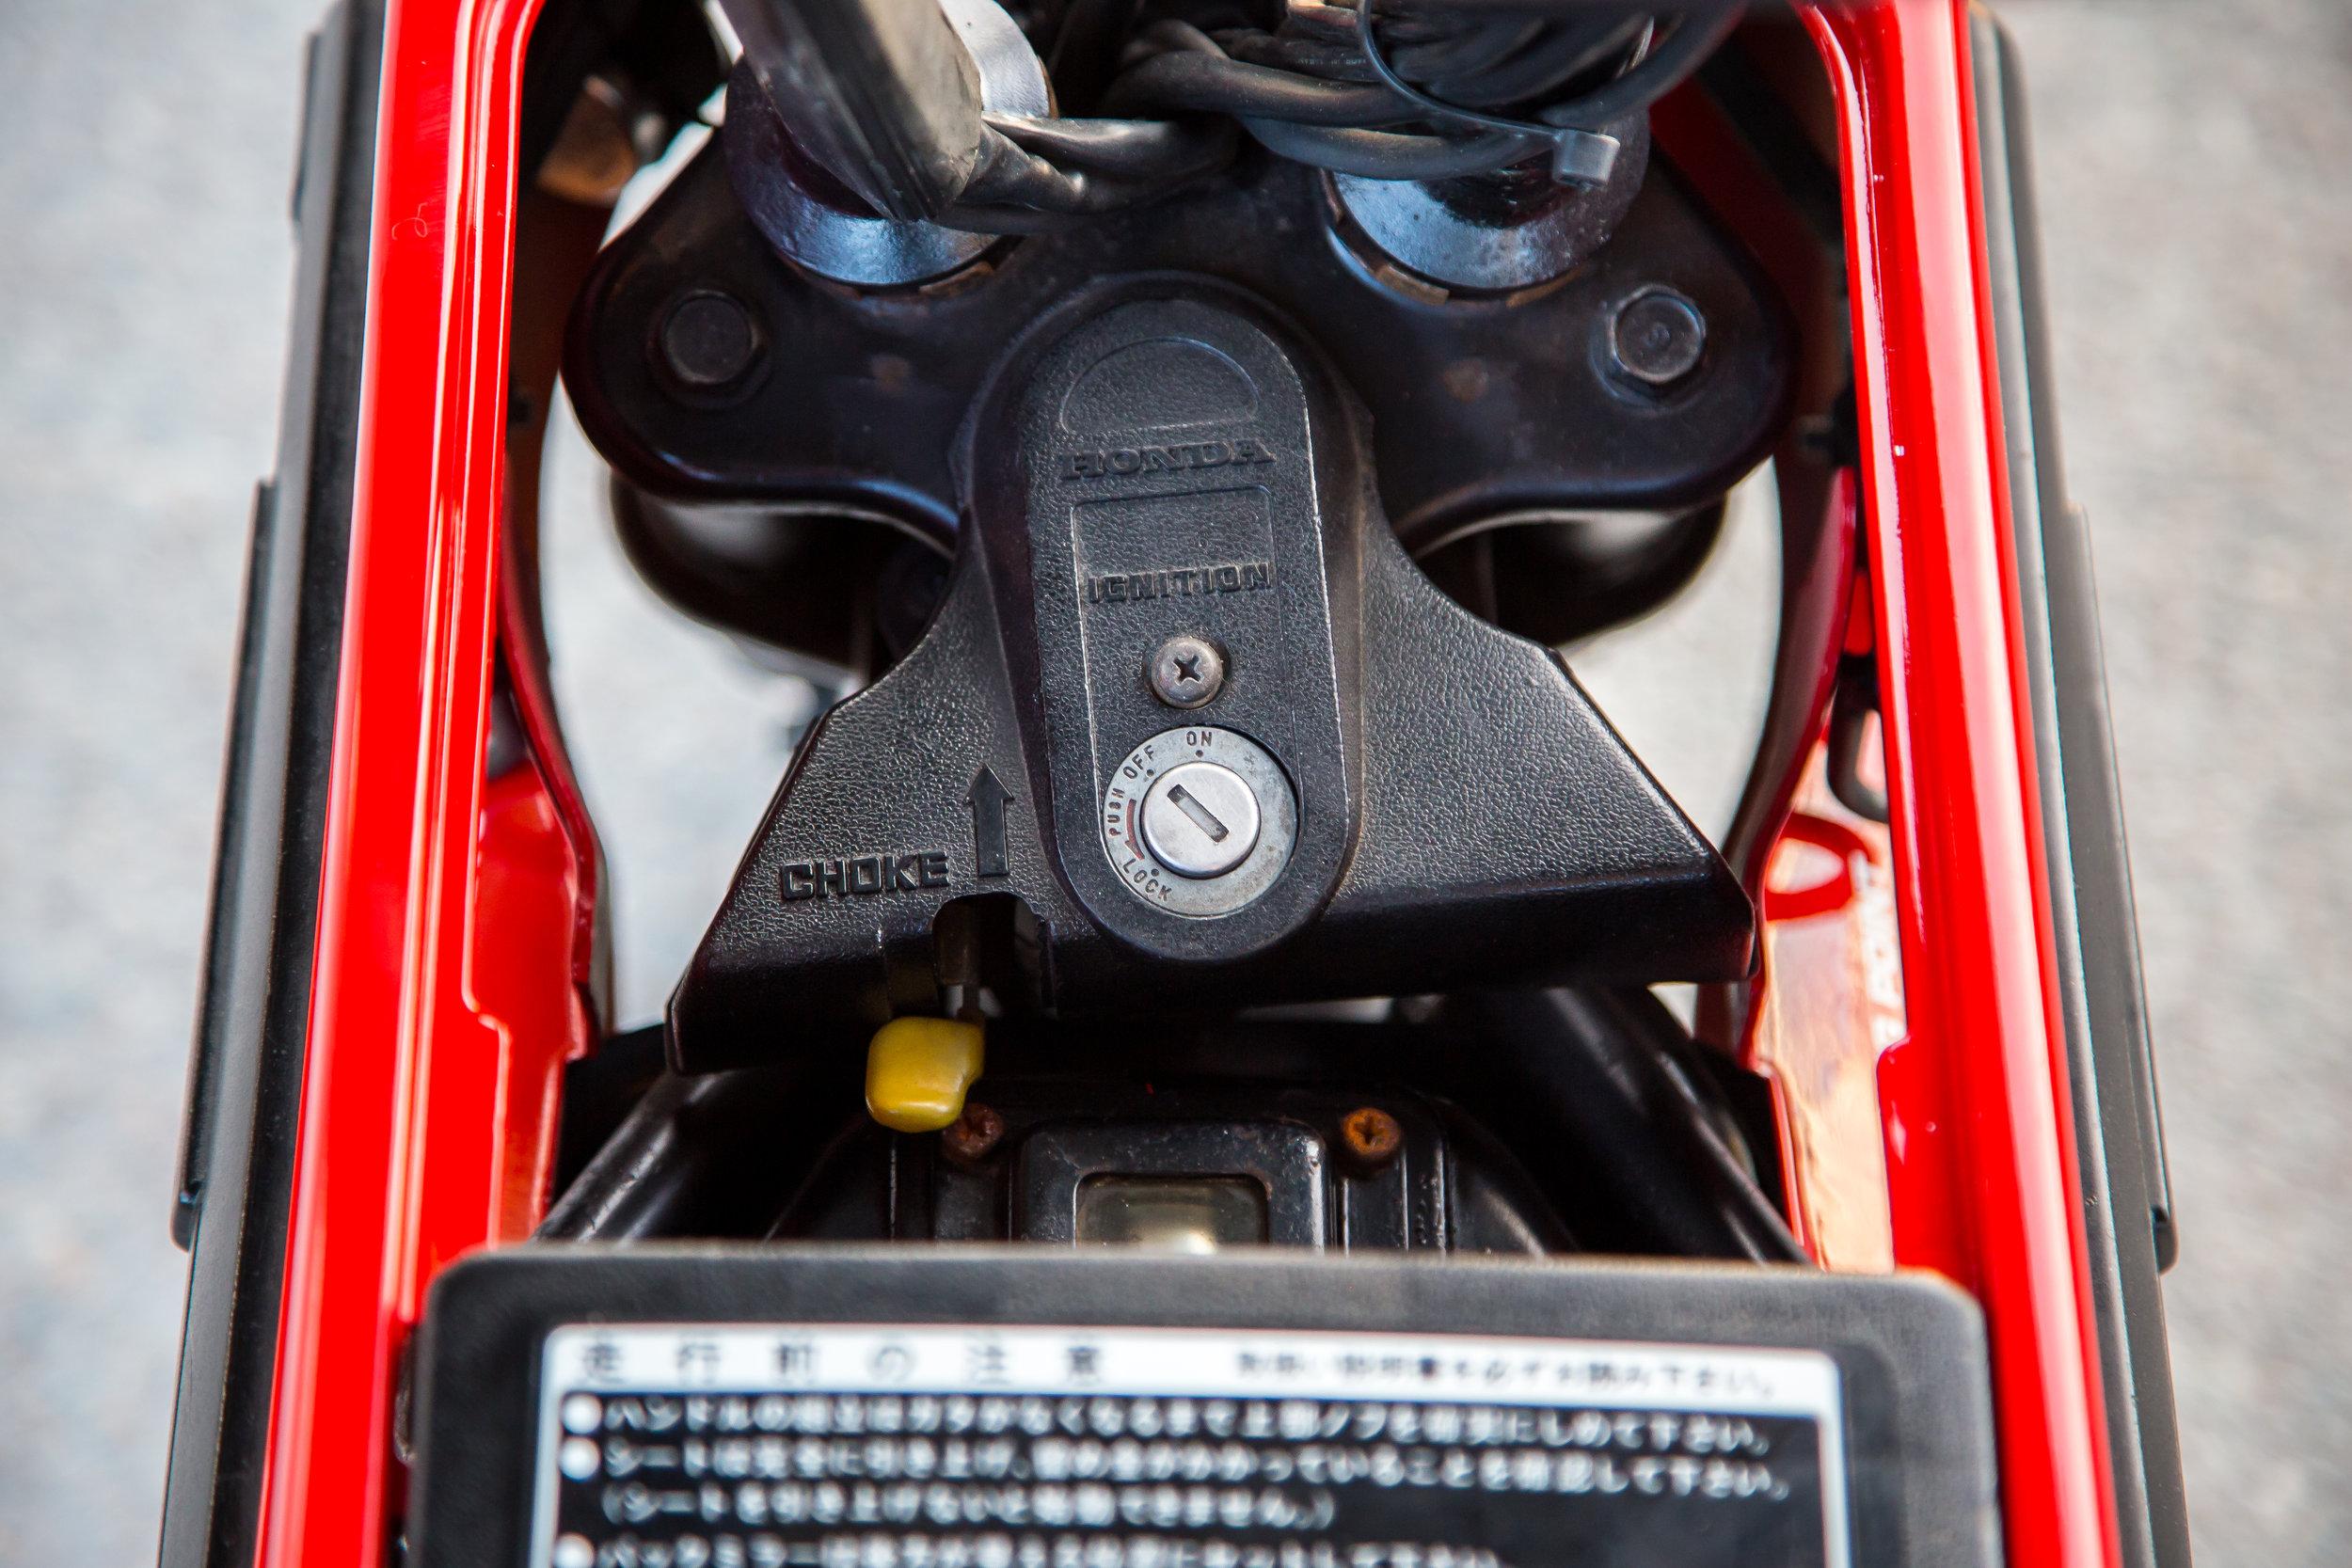 1983-honda-city-turbo-ii--motocompo_45660842574_o.jpg